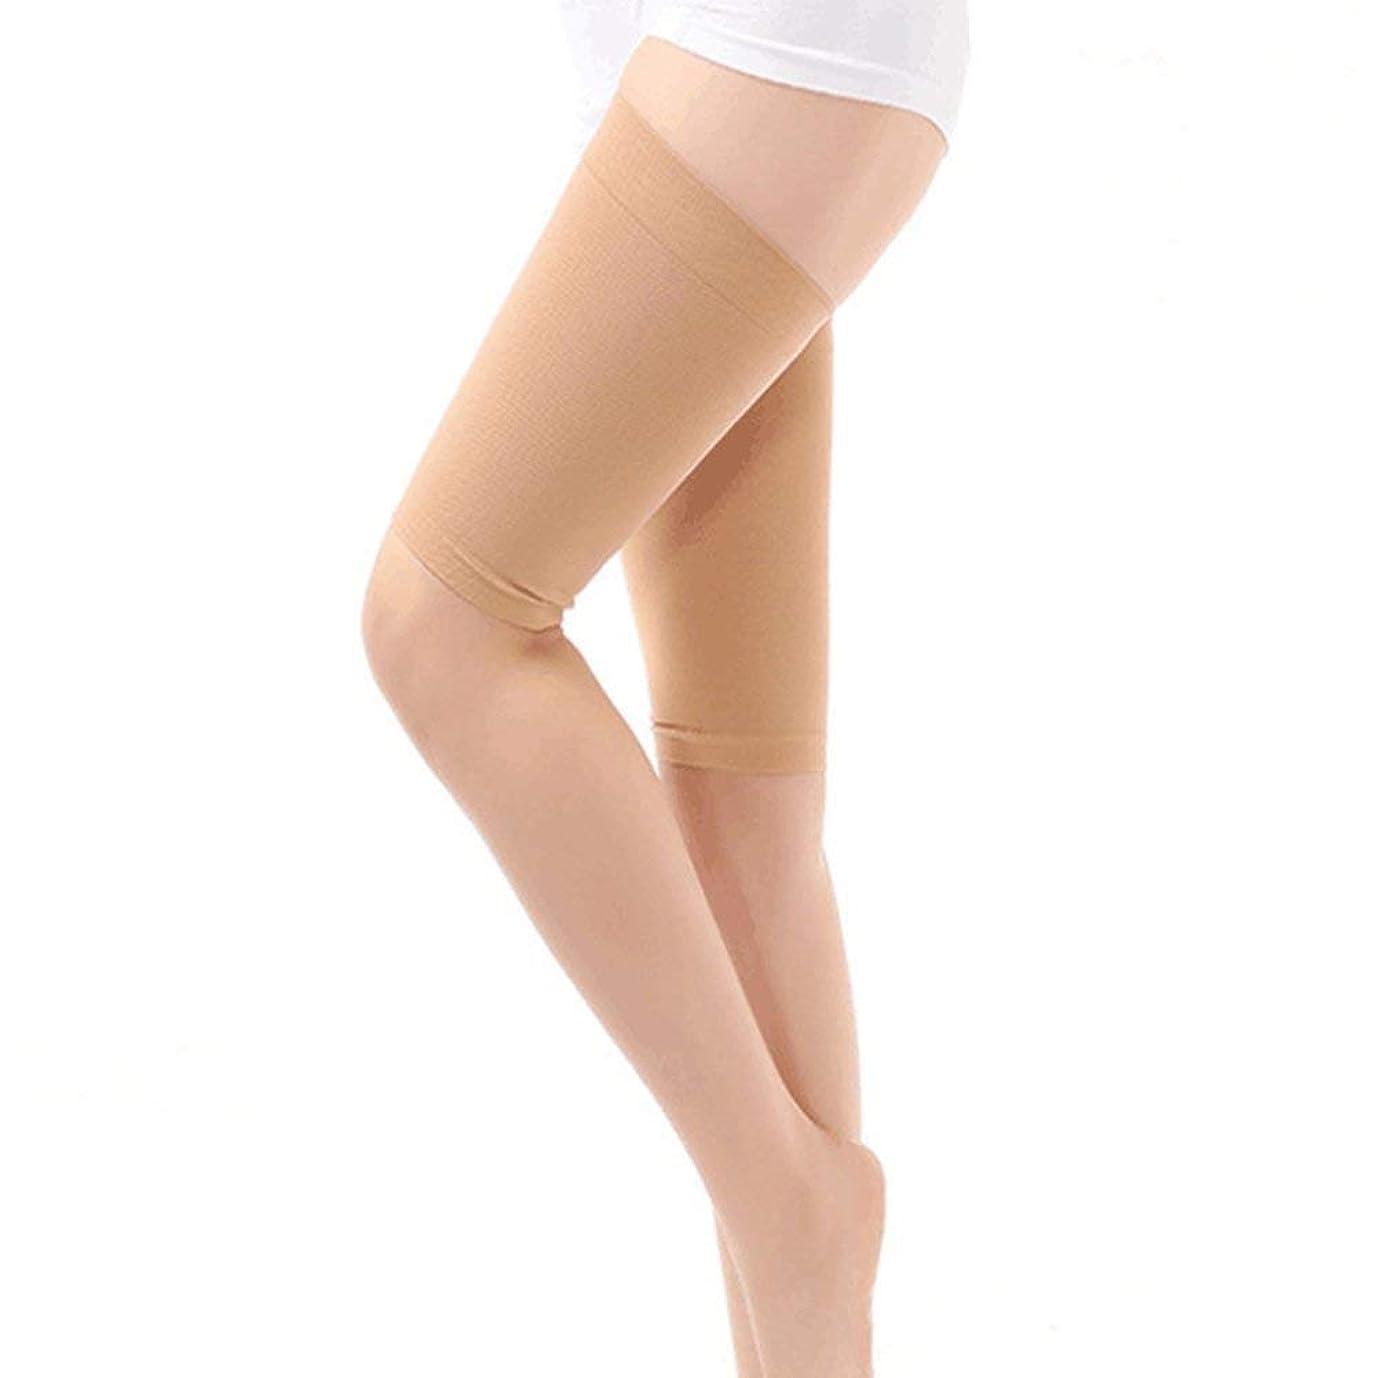 爆弾垂直サポート太もも燃焼 むくみ セルライト 除去 婦人科系 に作用 両足セット肌の色